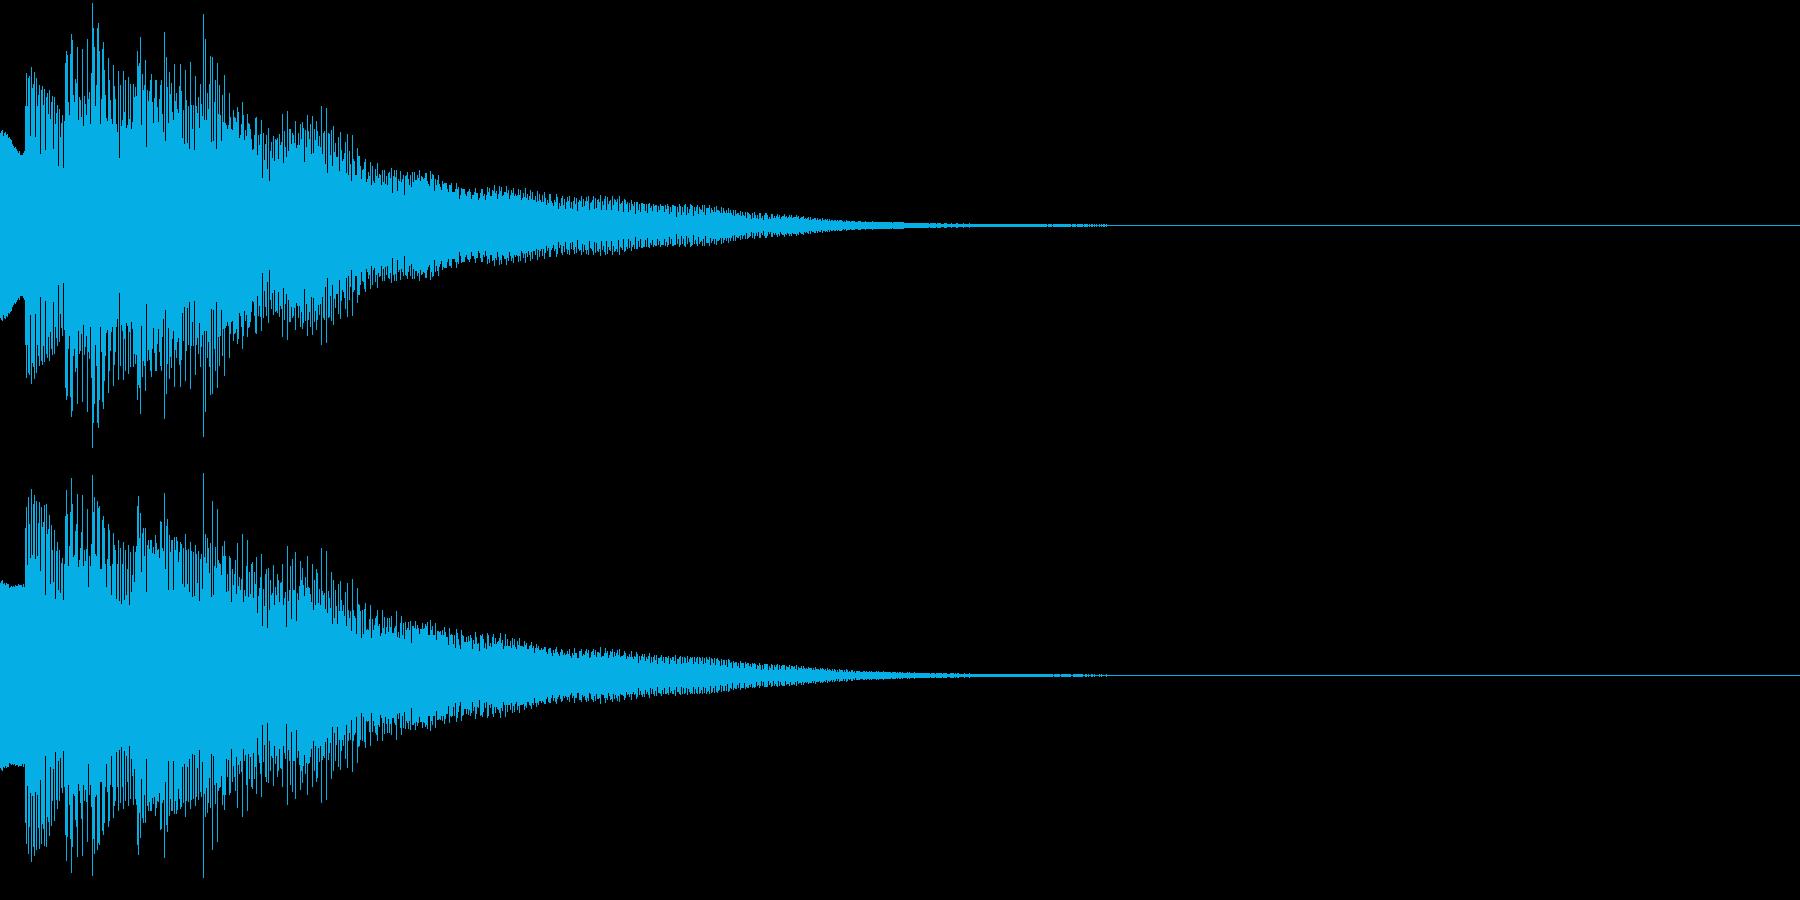 不思議な感じのジングル 場面転換 2の再生済みの波形